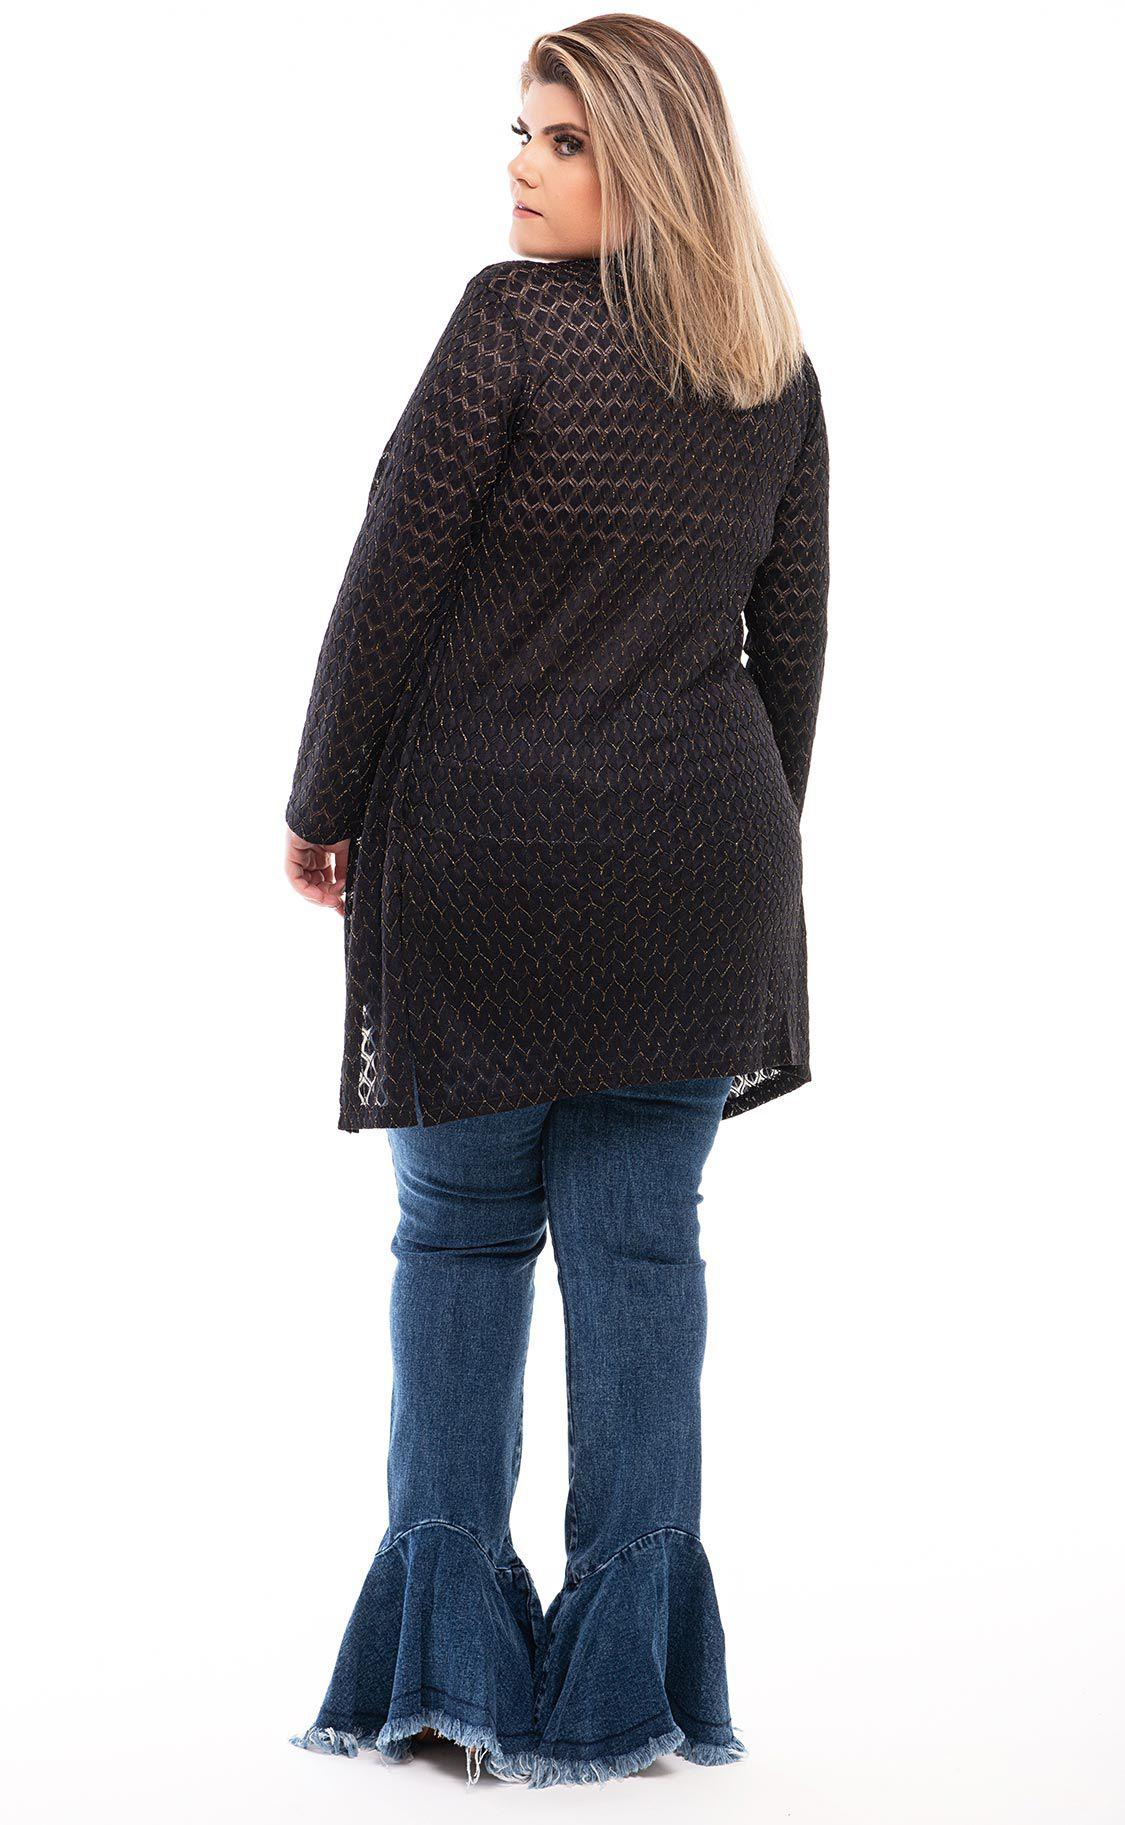 Cardigan Plus Size Kahi